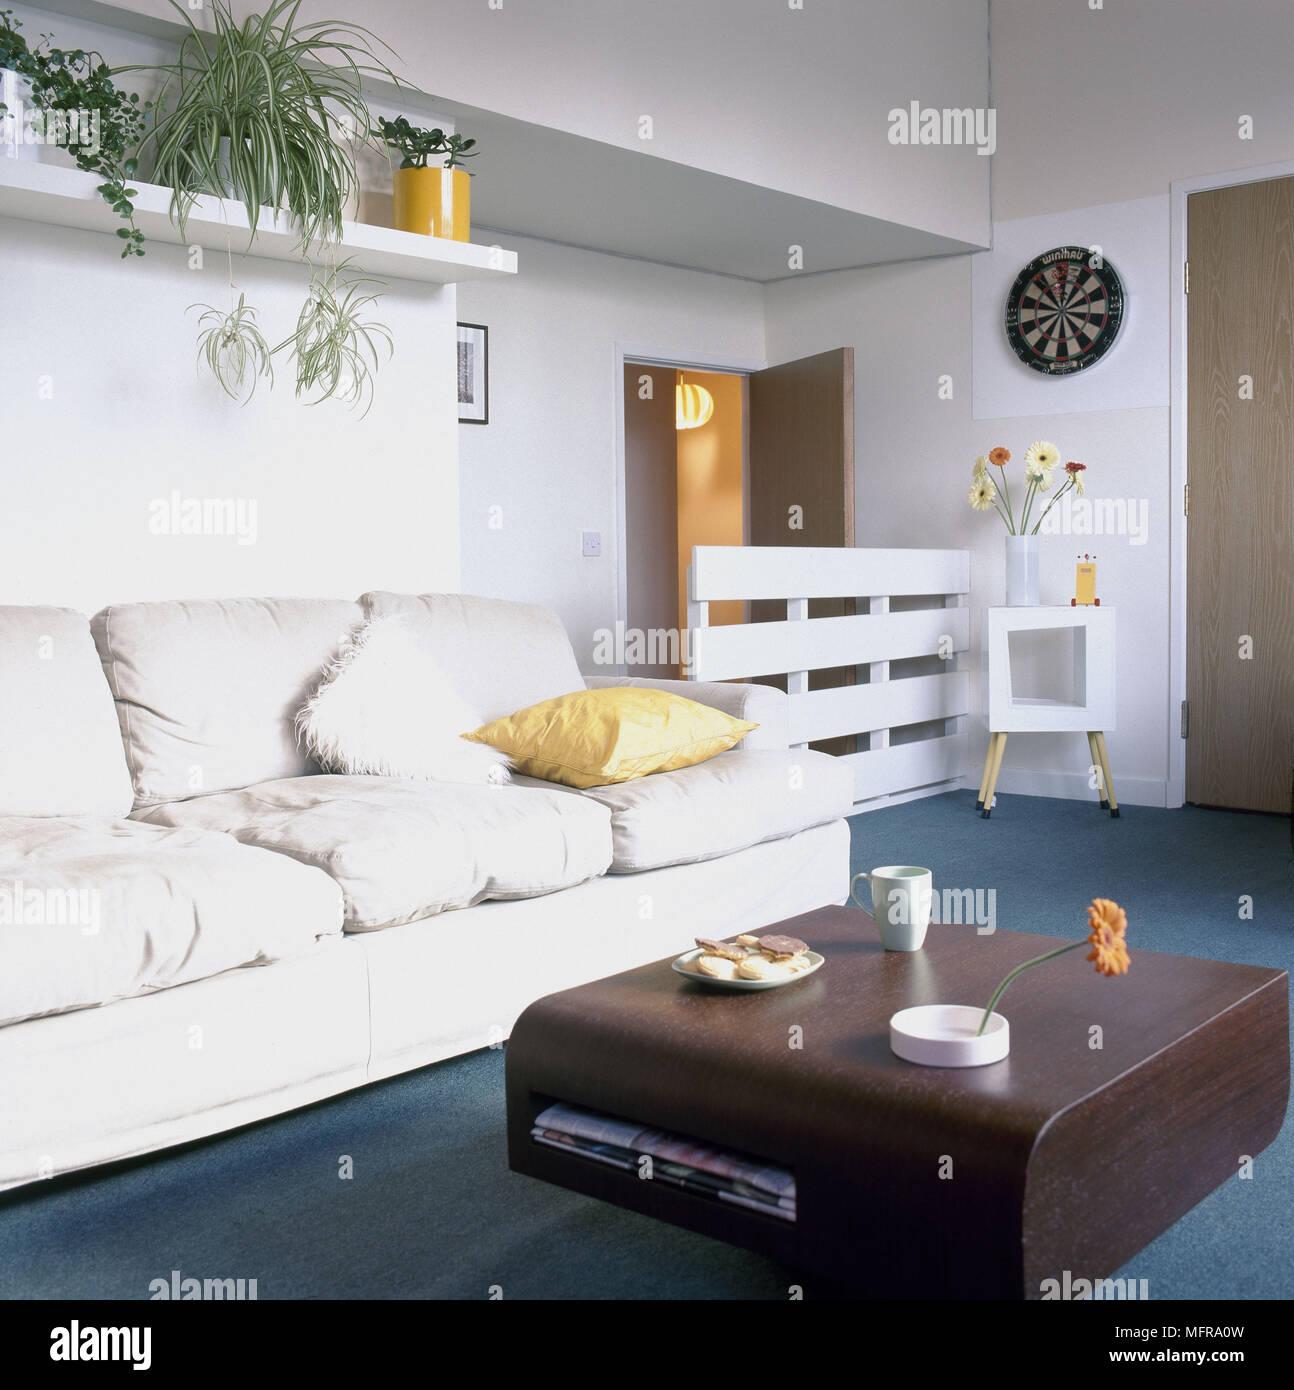 moderna sala blanca alfombra azul sofá mesita estantería foto